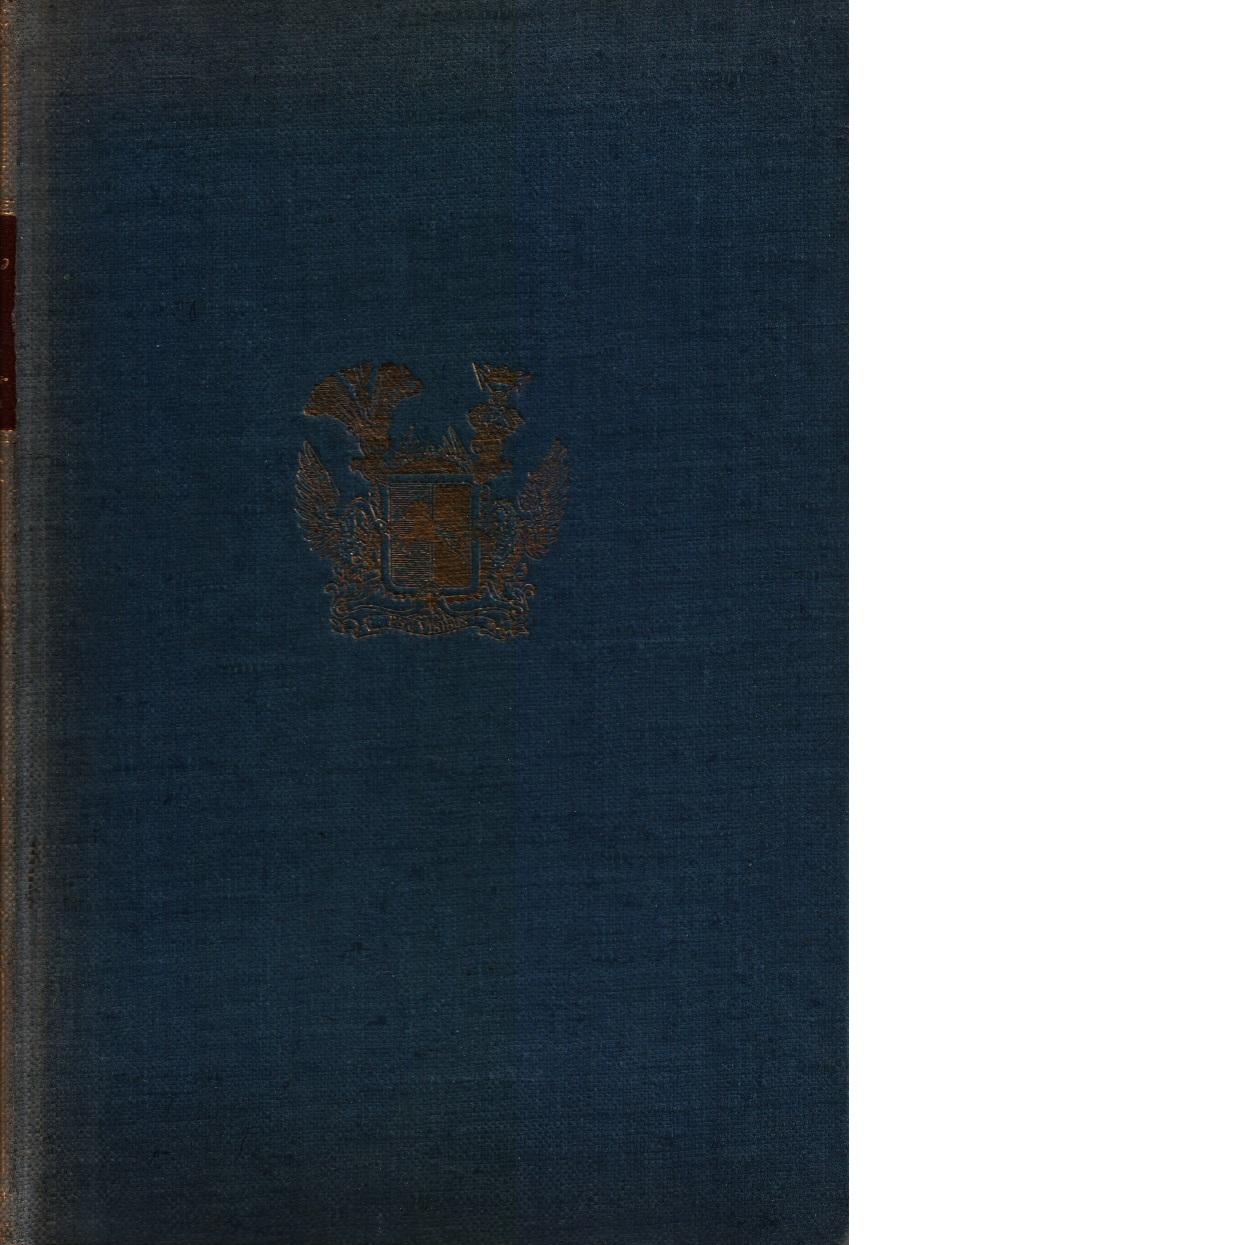 En gustaviansk ädlings ungdomshistoria : några anteckningar av och om Gustaf Adolf Reuterholm : med illustrationer - Forsstrand, Carl